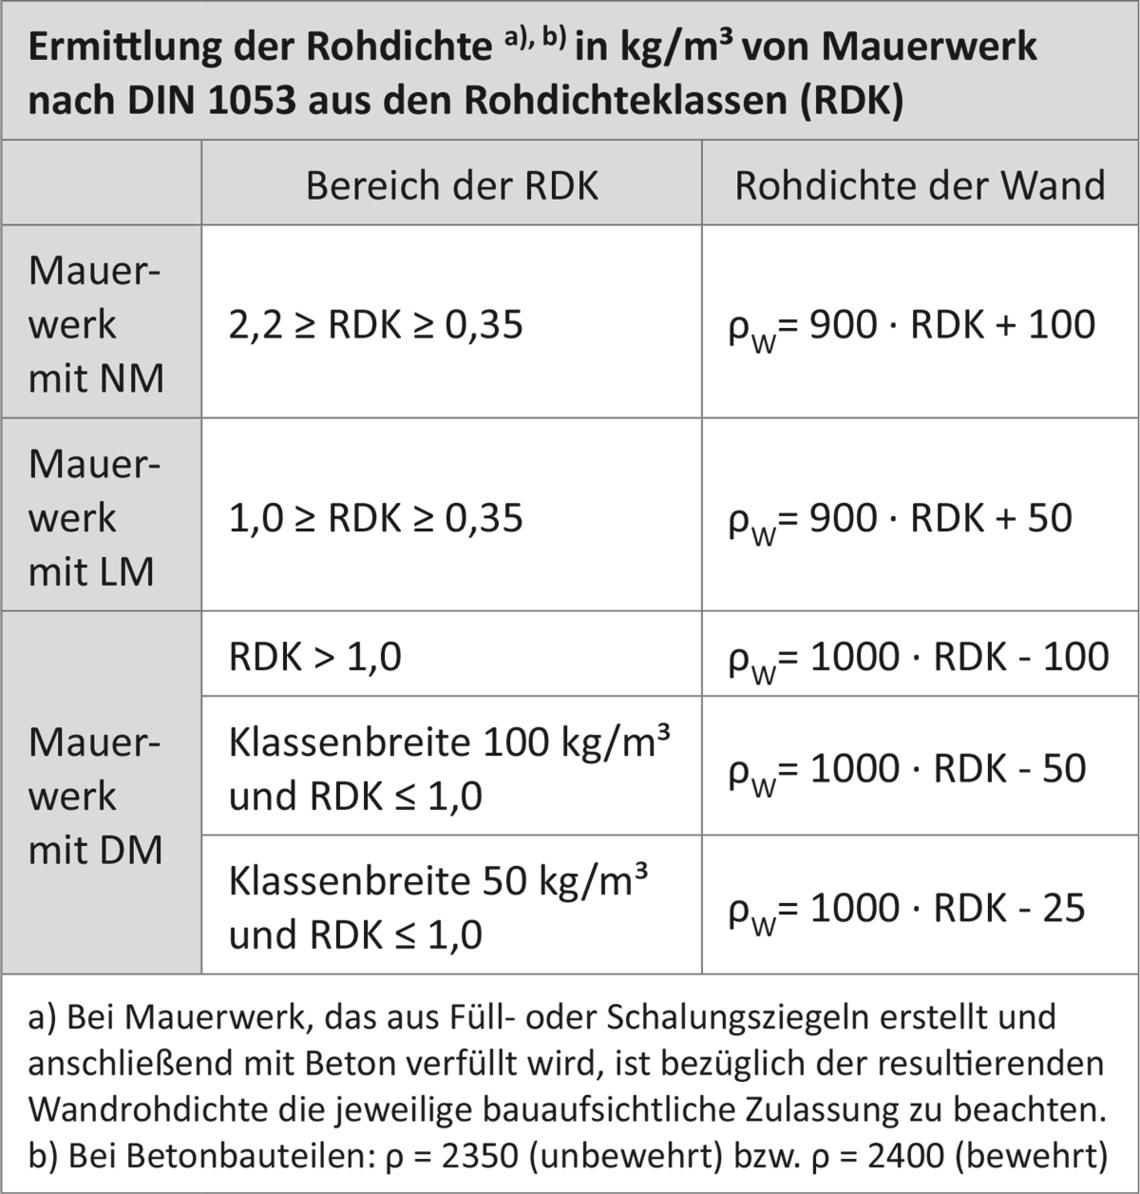 Turbo 3. Berechnung der Luftschalldämmung von Mauerwerk aus OS22